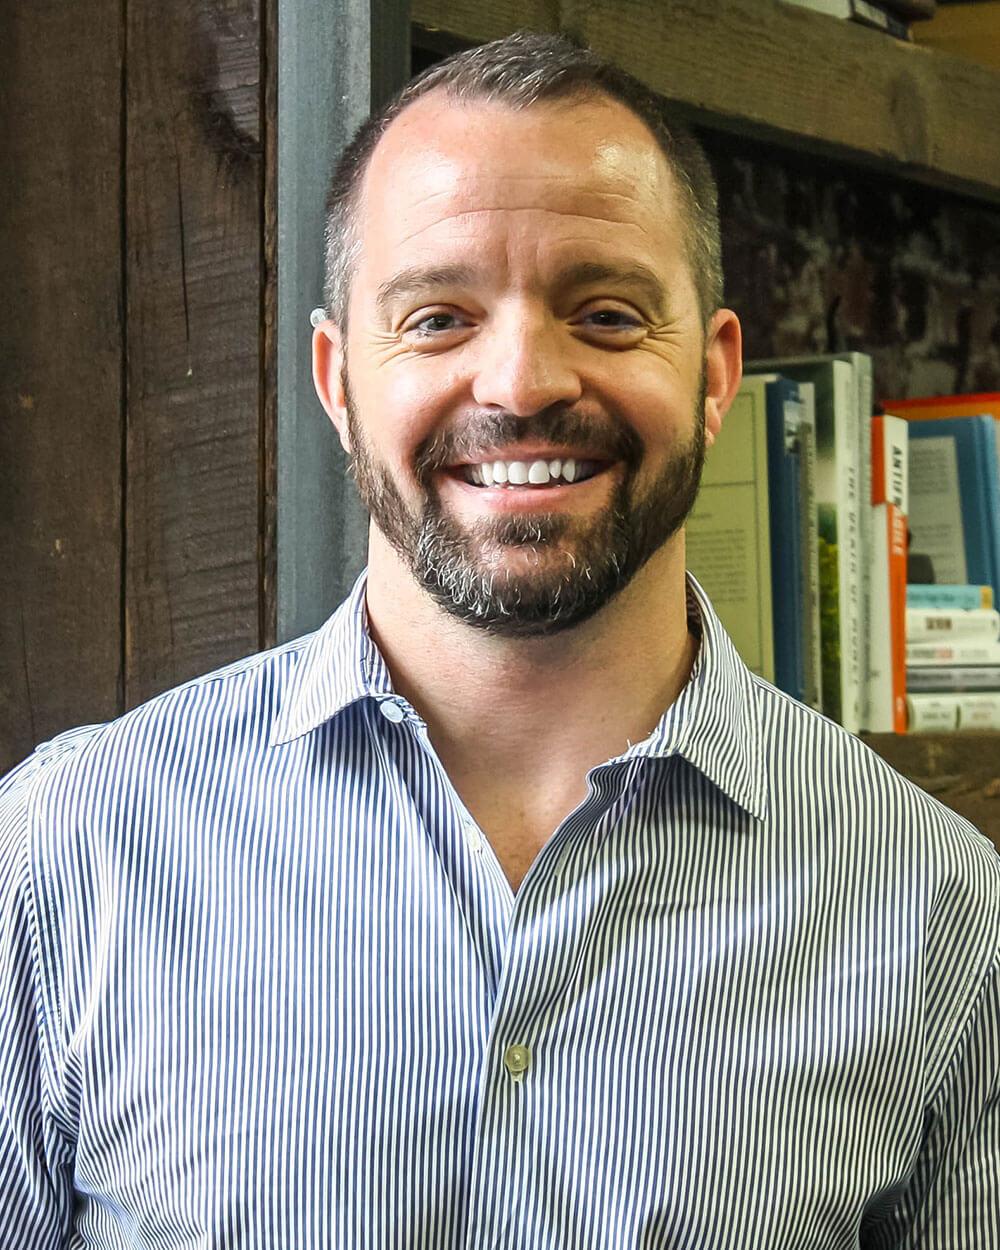 Joe Mechlinski